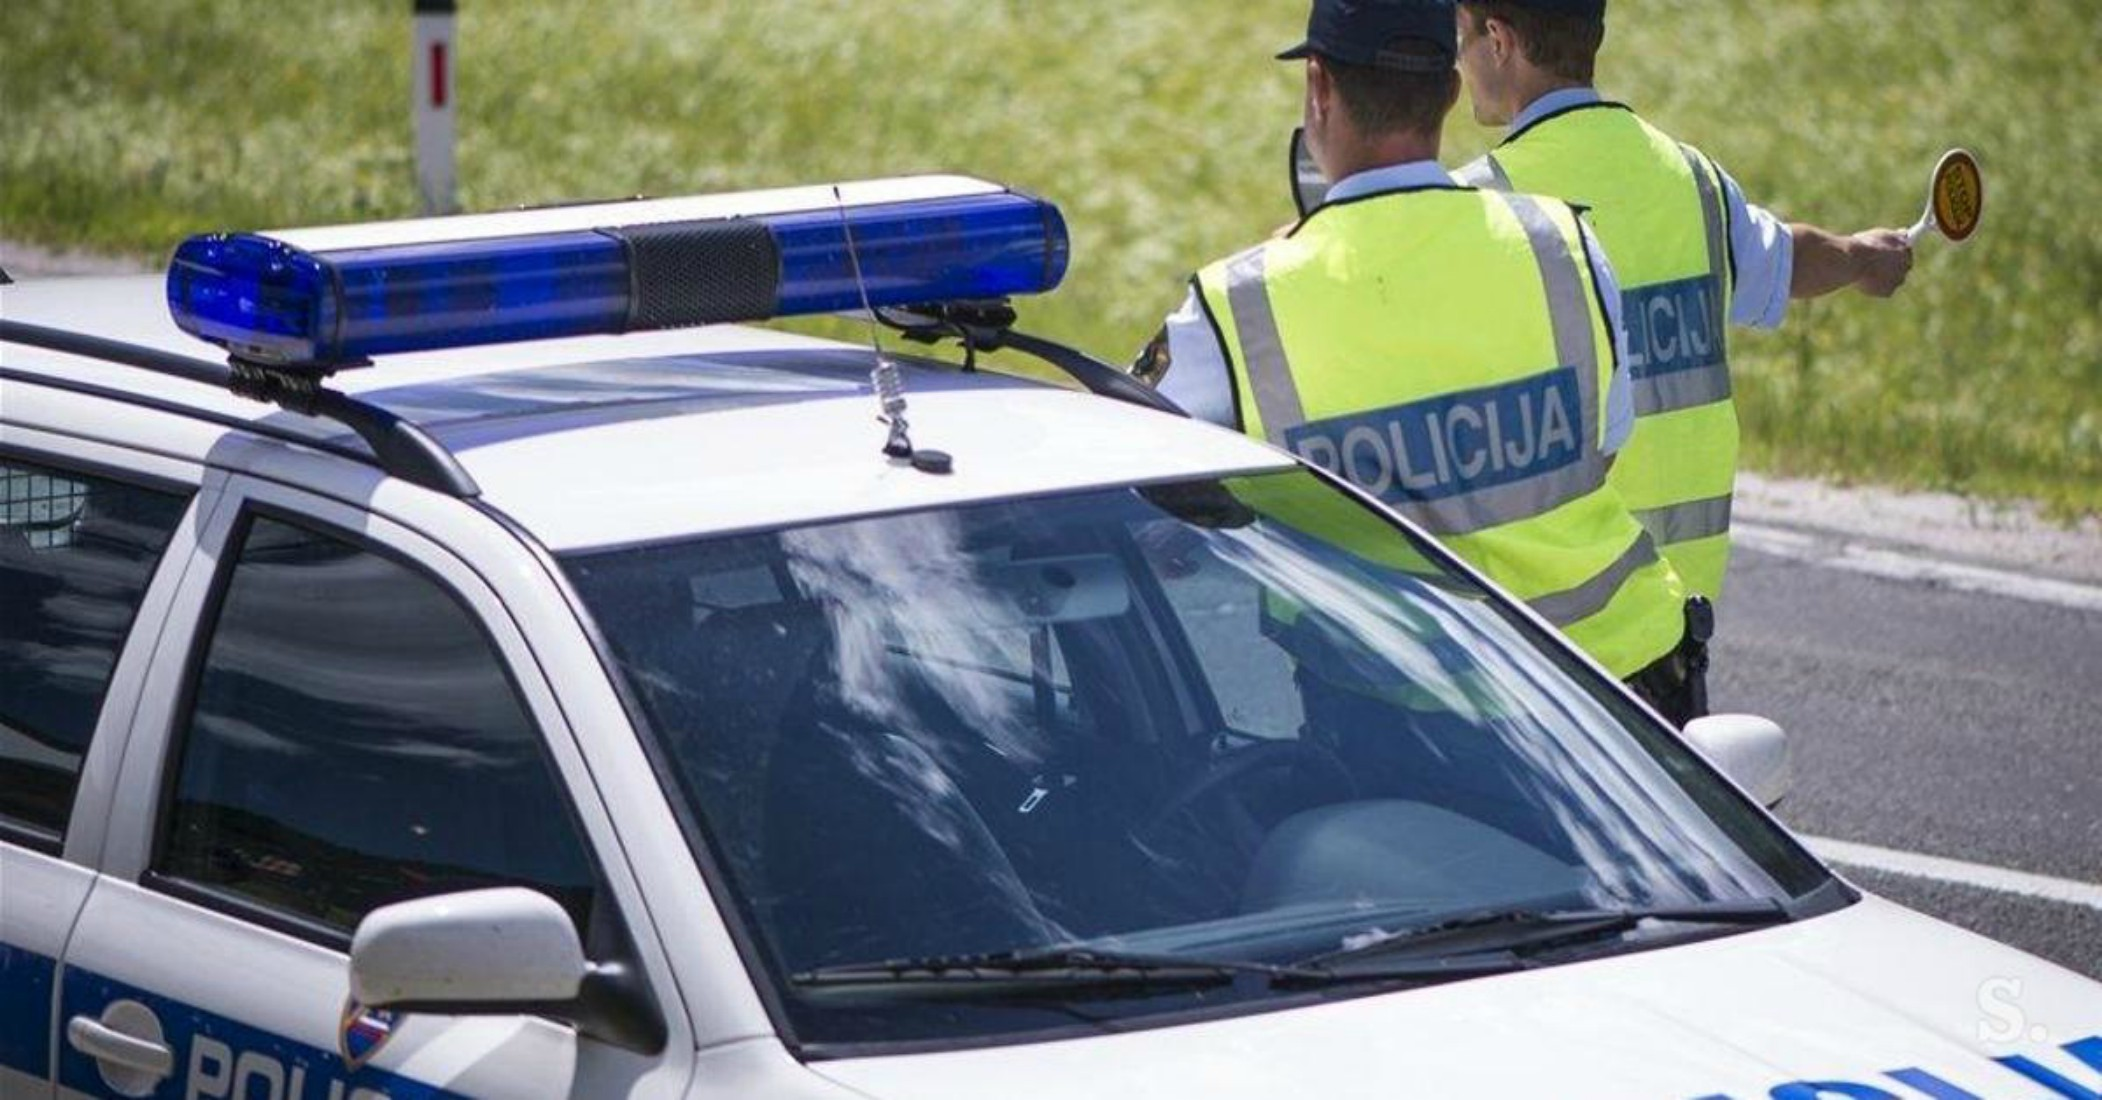 Policija je v zadnjih 24 urah ukrepala v …